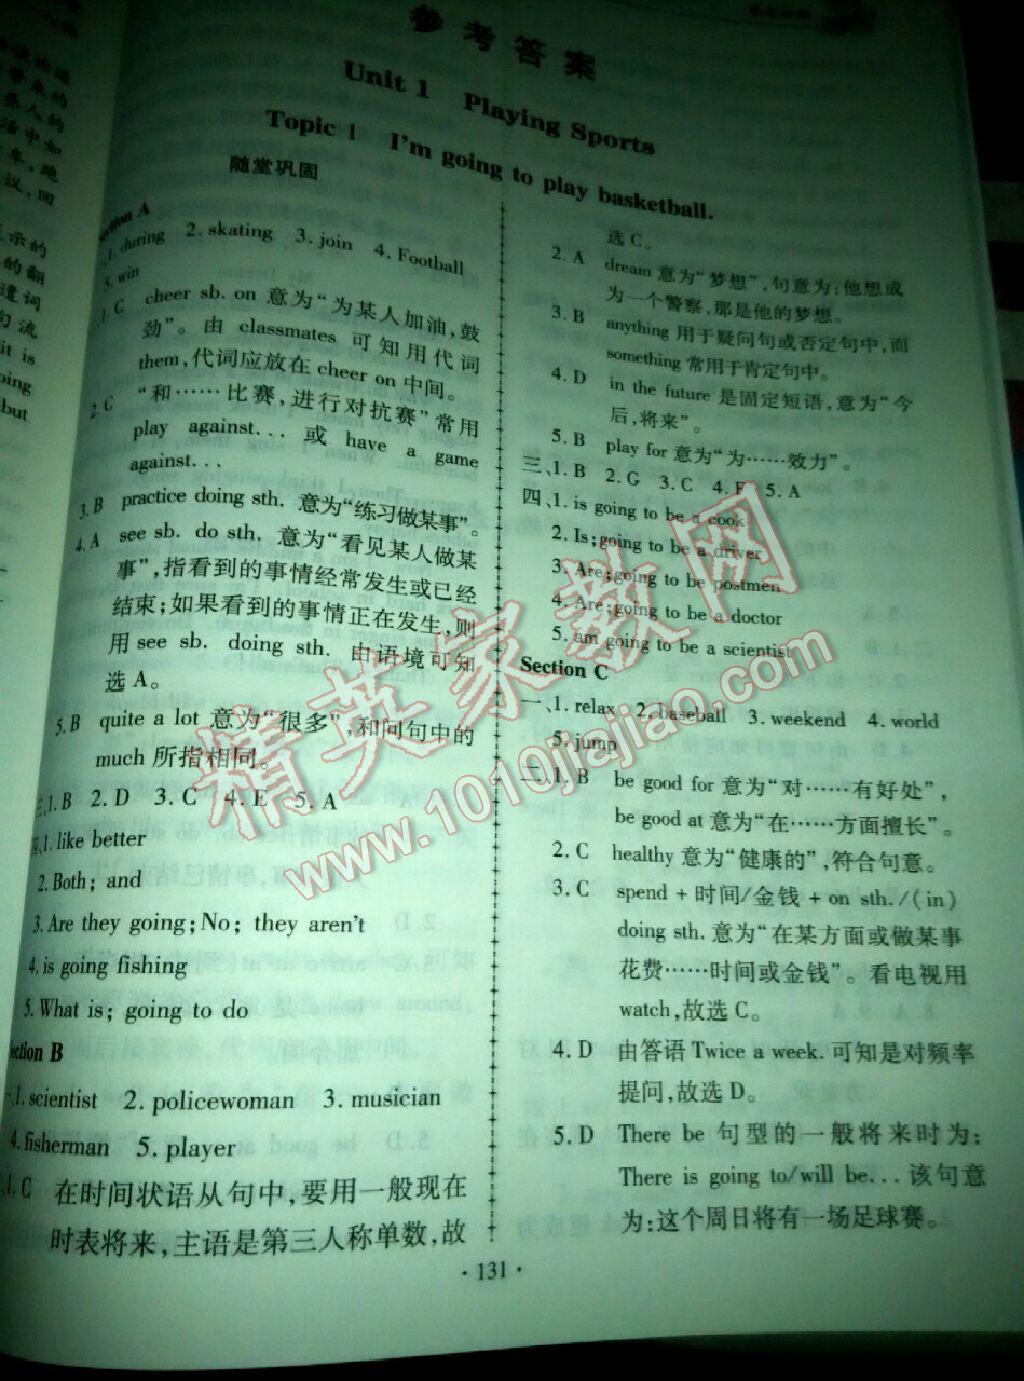 仁爱英语同步练习册八年级上册第1页